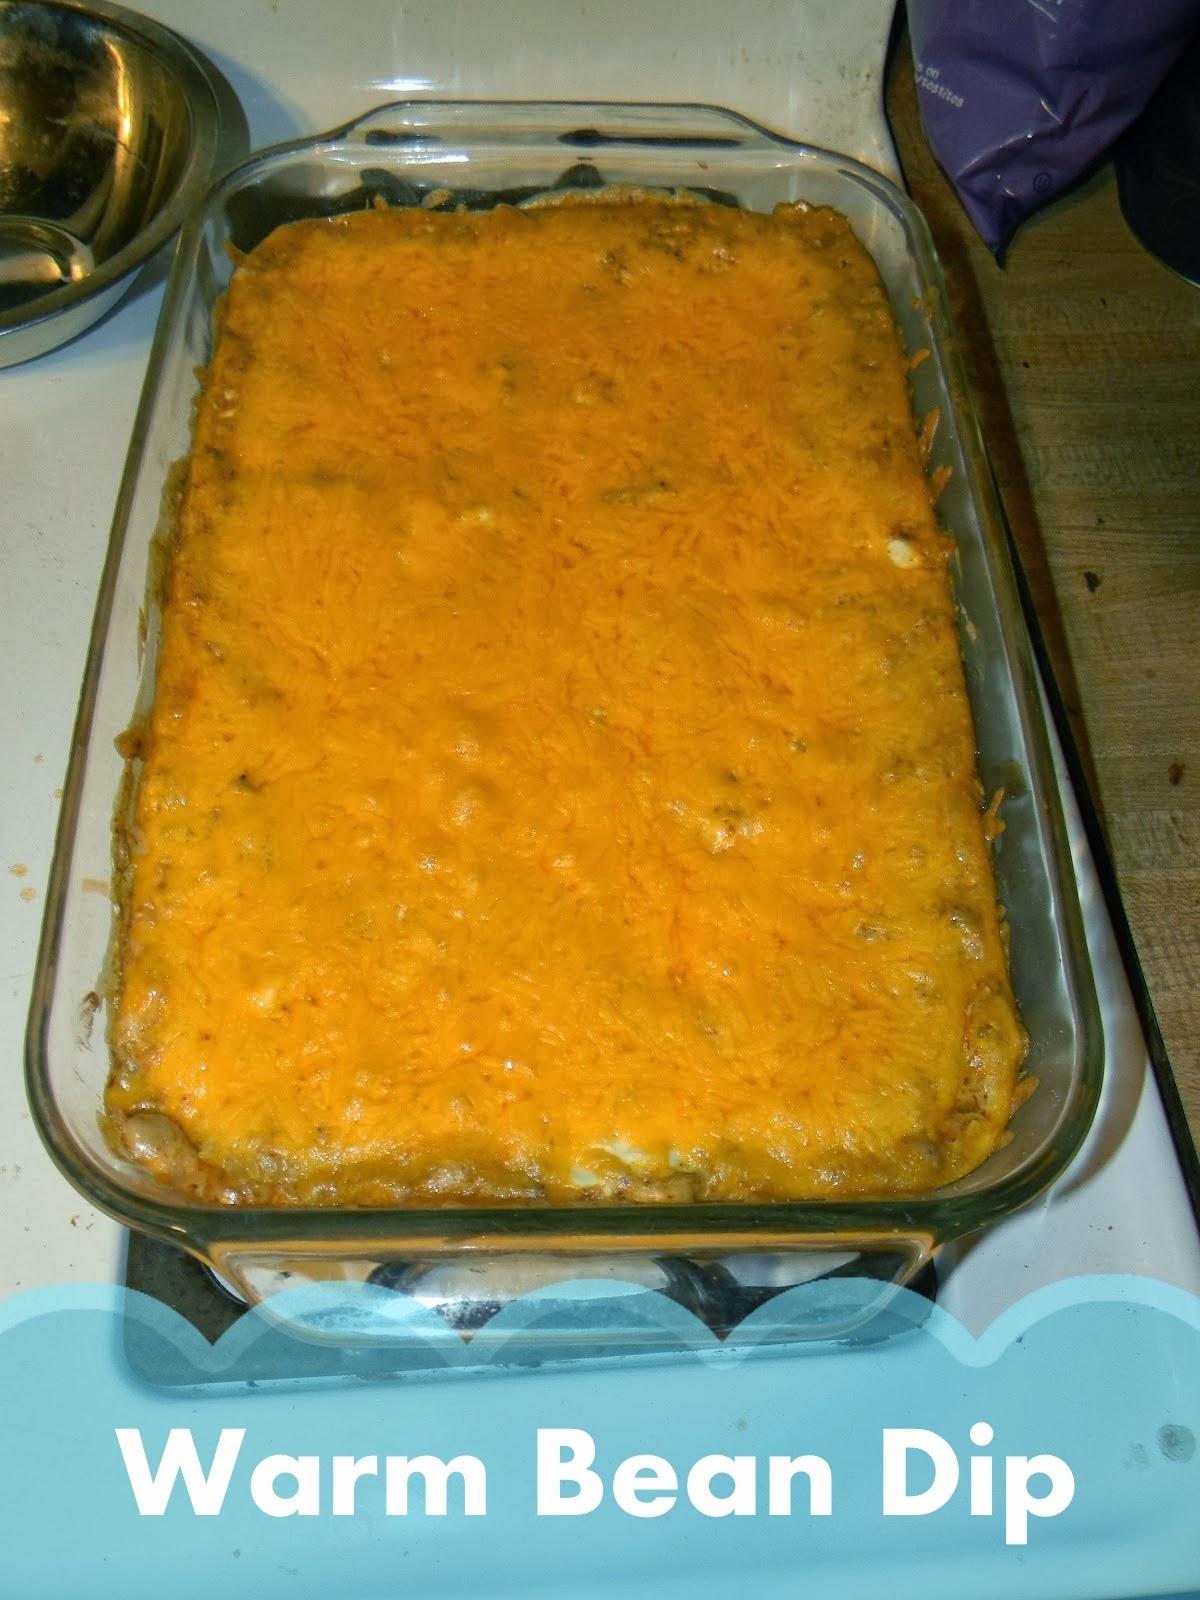 http://growingtofour.blogspot.com/2013/01/warm-bean-dip.html